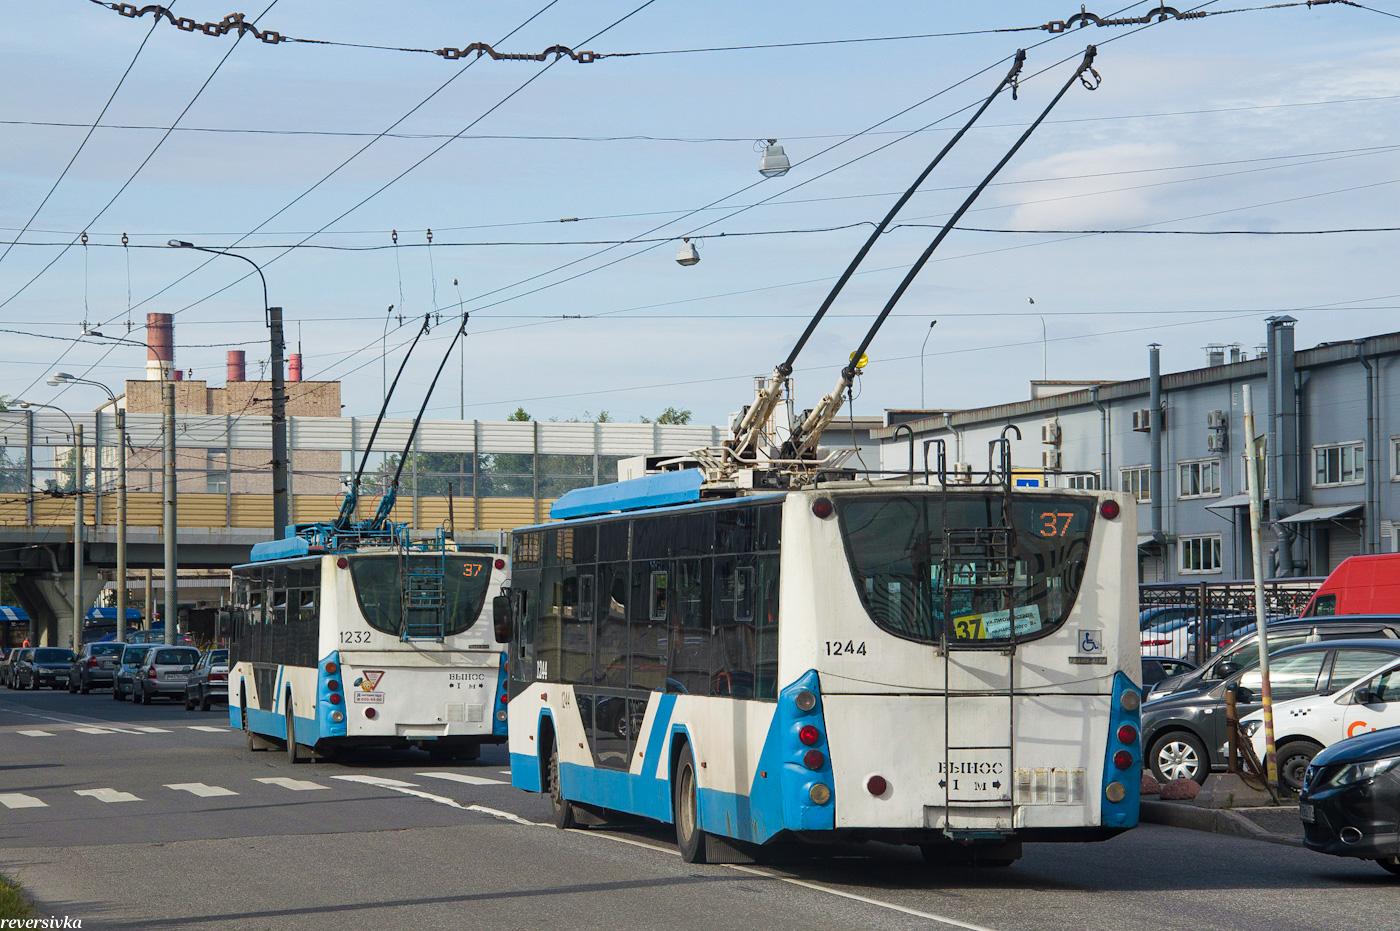 картинки в трамвае один поздравляет вас главным